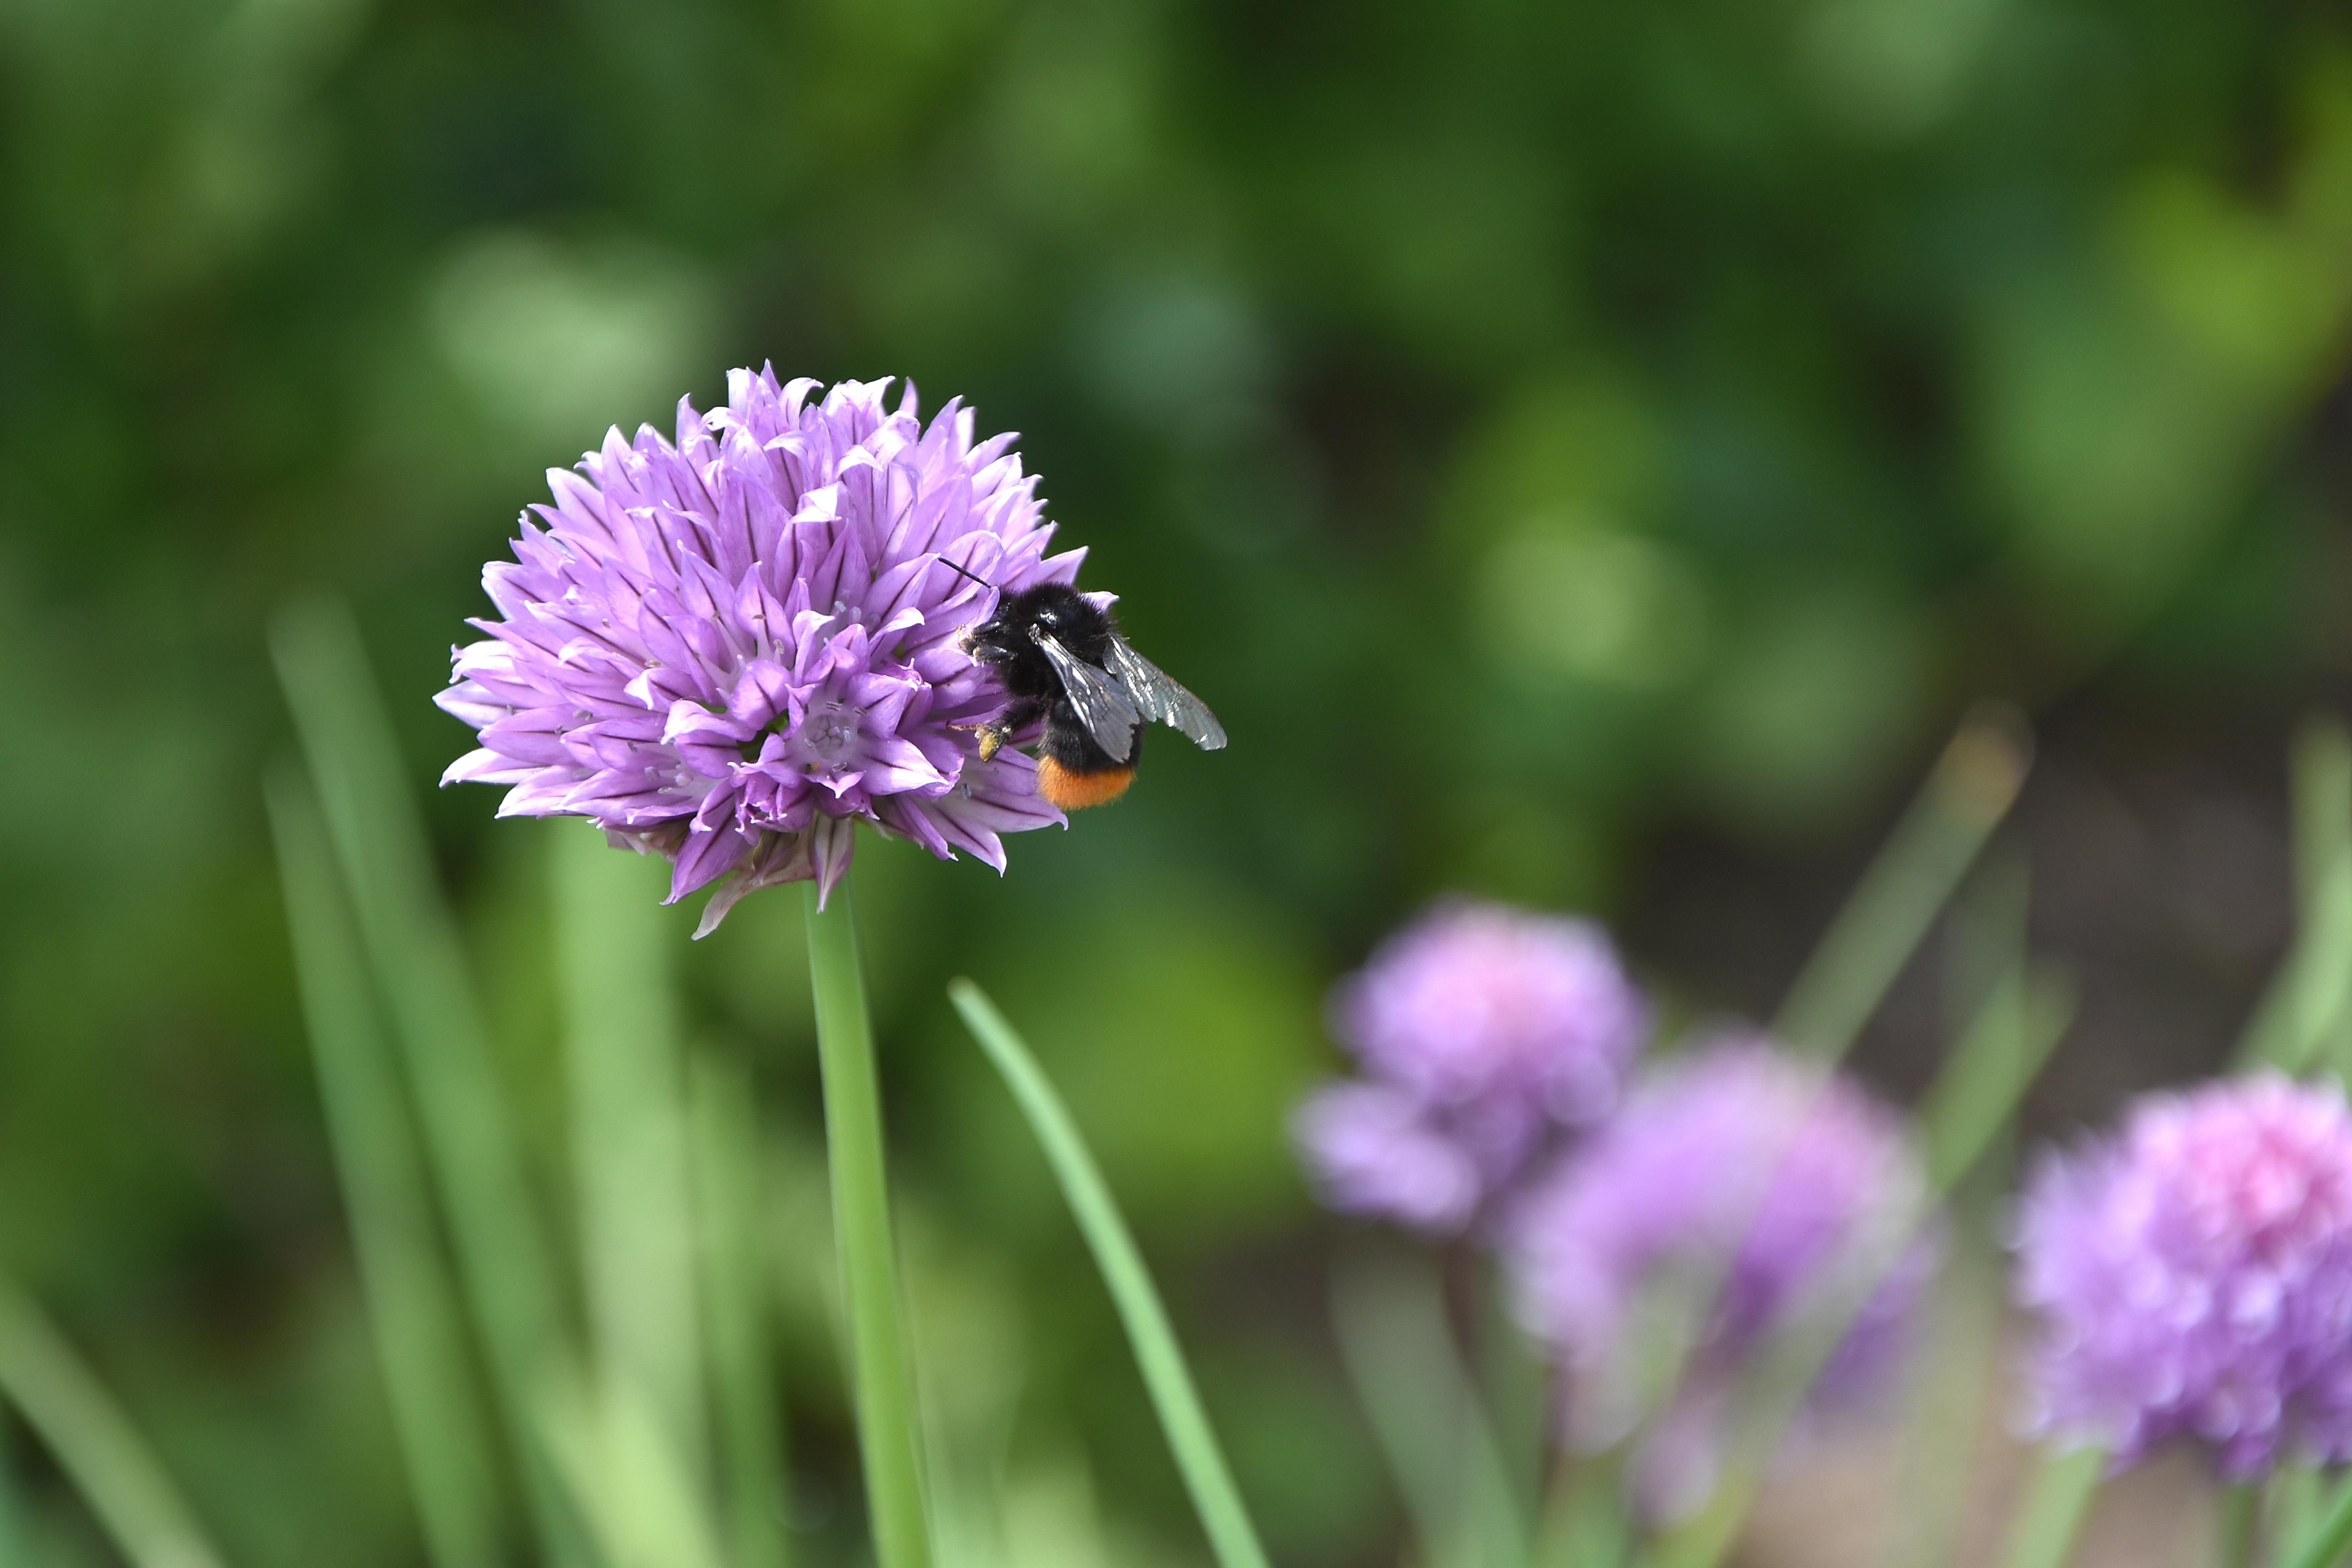 La fleur de ciboulette